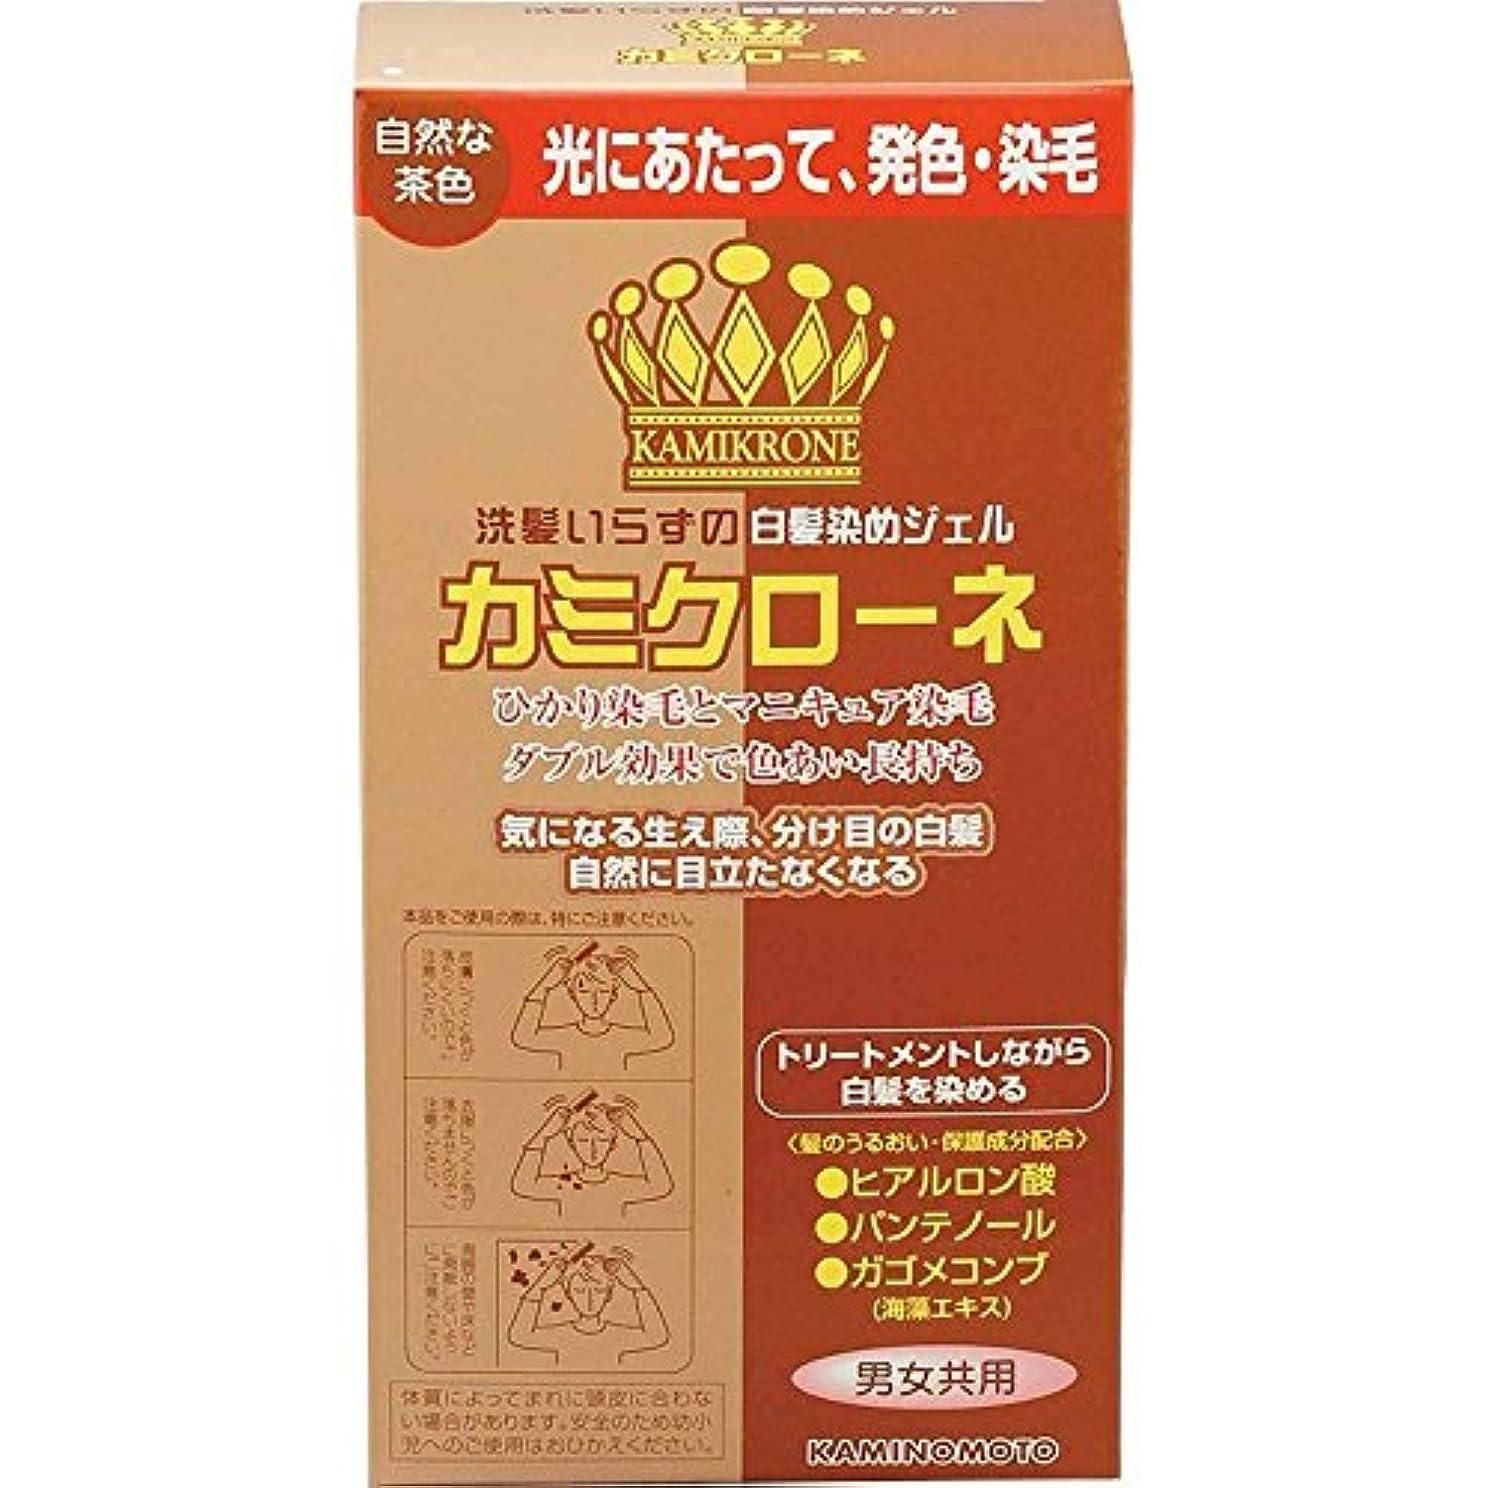 弾性バルコニー飾る加美乃素 カミクローネ ナチュラルブラウン 80ml×6個